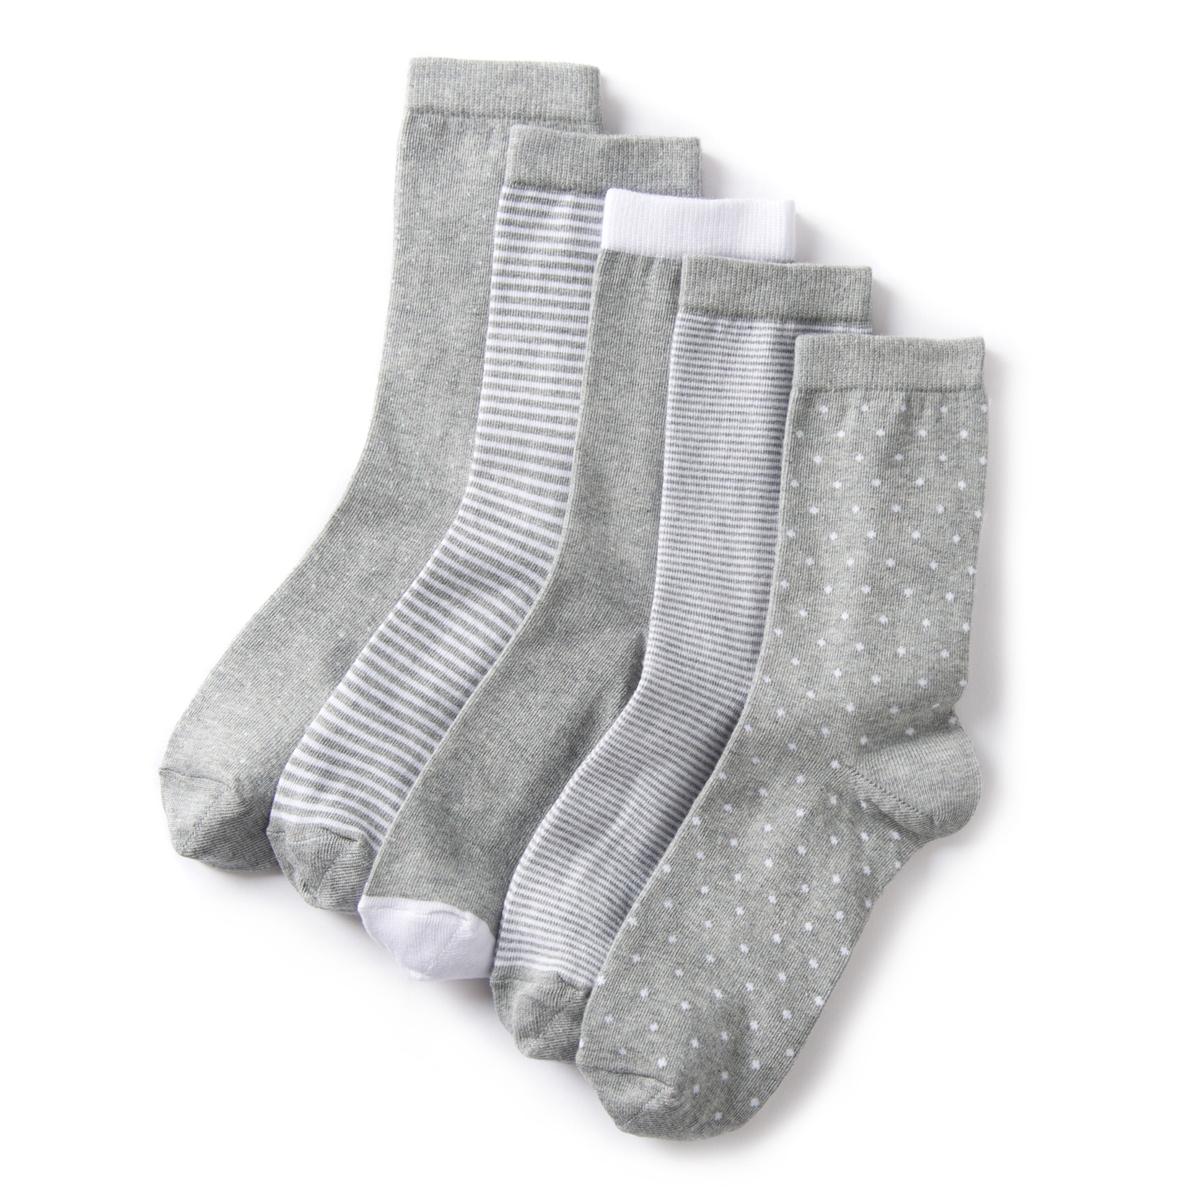 Комплект из 5 коротких оригинальных носковКомплект из 5 коротких оригинальных носков с геометрическим рисункомДлина .ДеталиХарактеристики • 5 пар с геометрическим рисунком. • Длина короткая.Состав &amp; Уход • В полоску :  75% хлопка, 24% полиамида, 1% эластана • Однотонные : 71% хлопка, 28% полиамида, 1% эластана • В горошек : 73% хлопка, 26% полиамида, 1% эластана • Машинная стирка при температуре 30°, умеренный режим • Стирать с похожими цветами<br><br>Цвет: серый/ белый